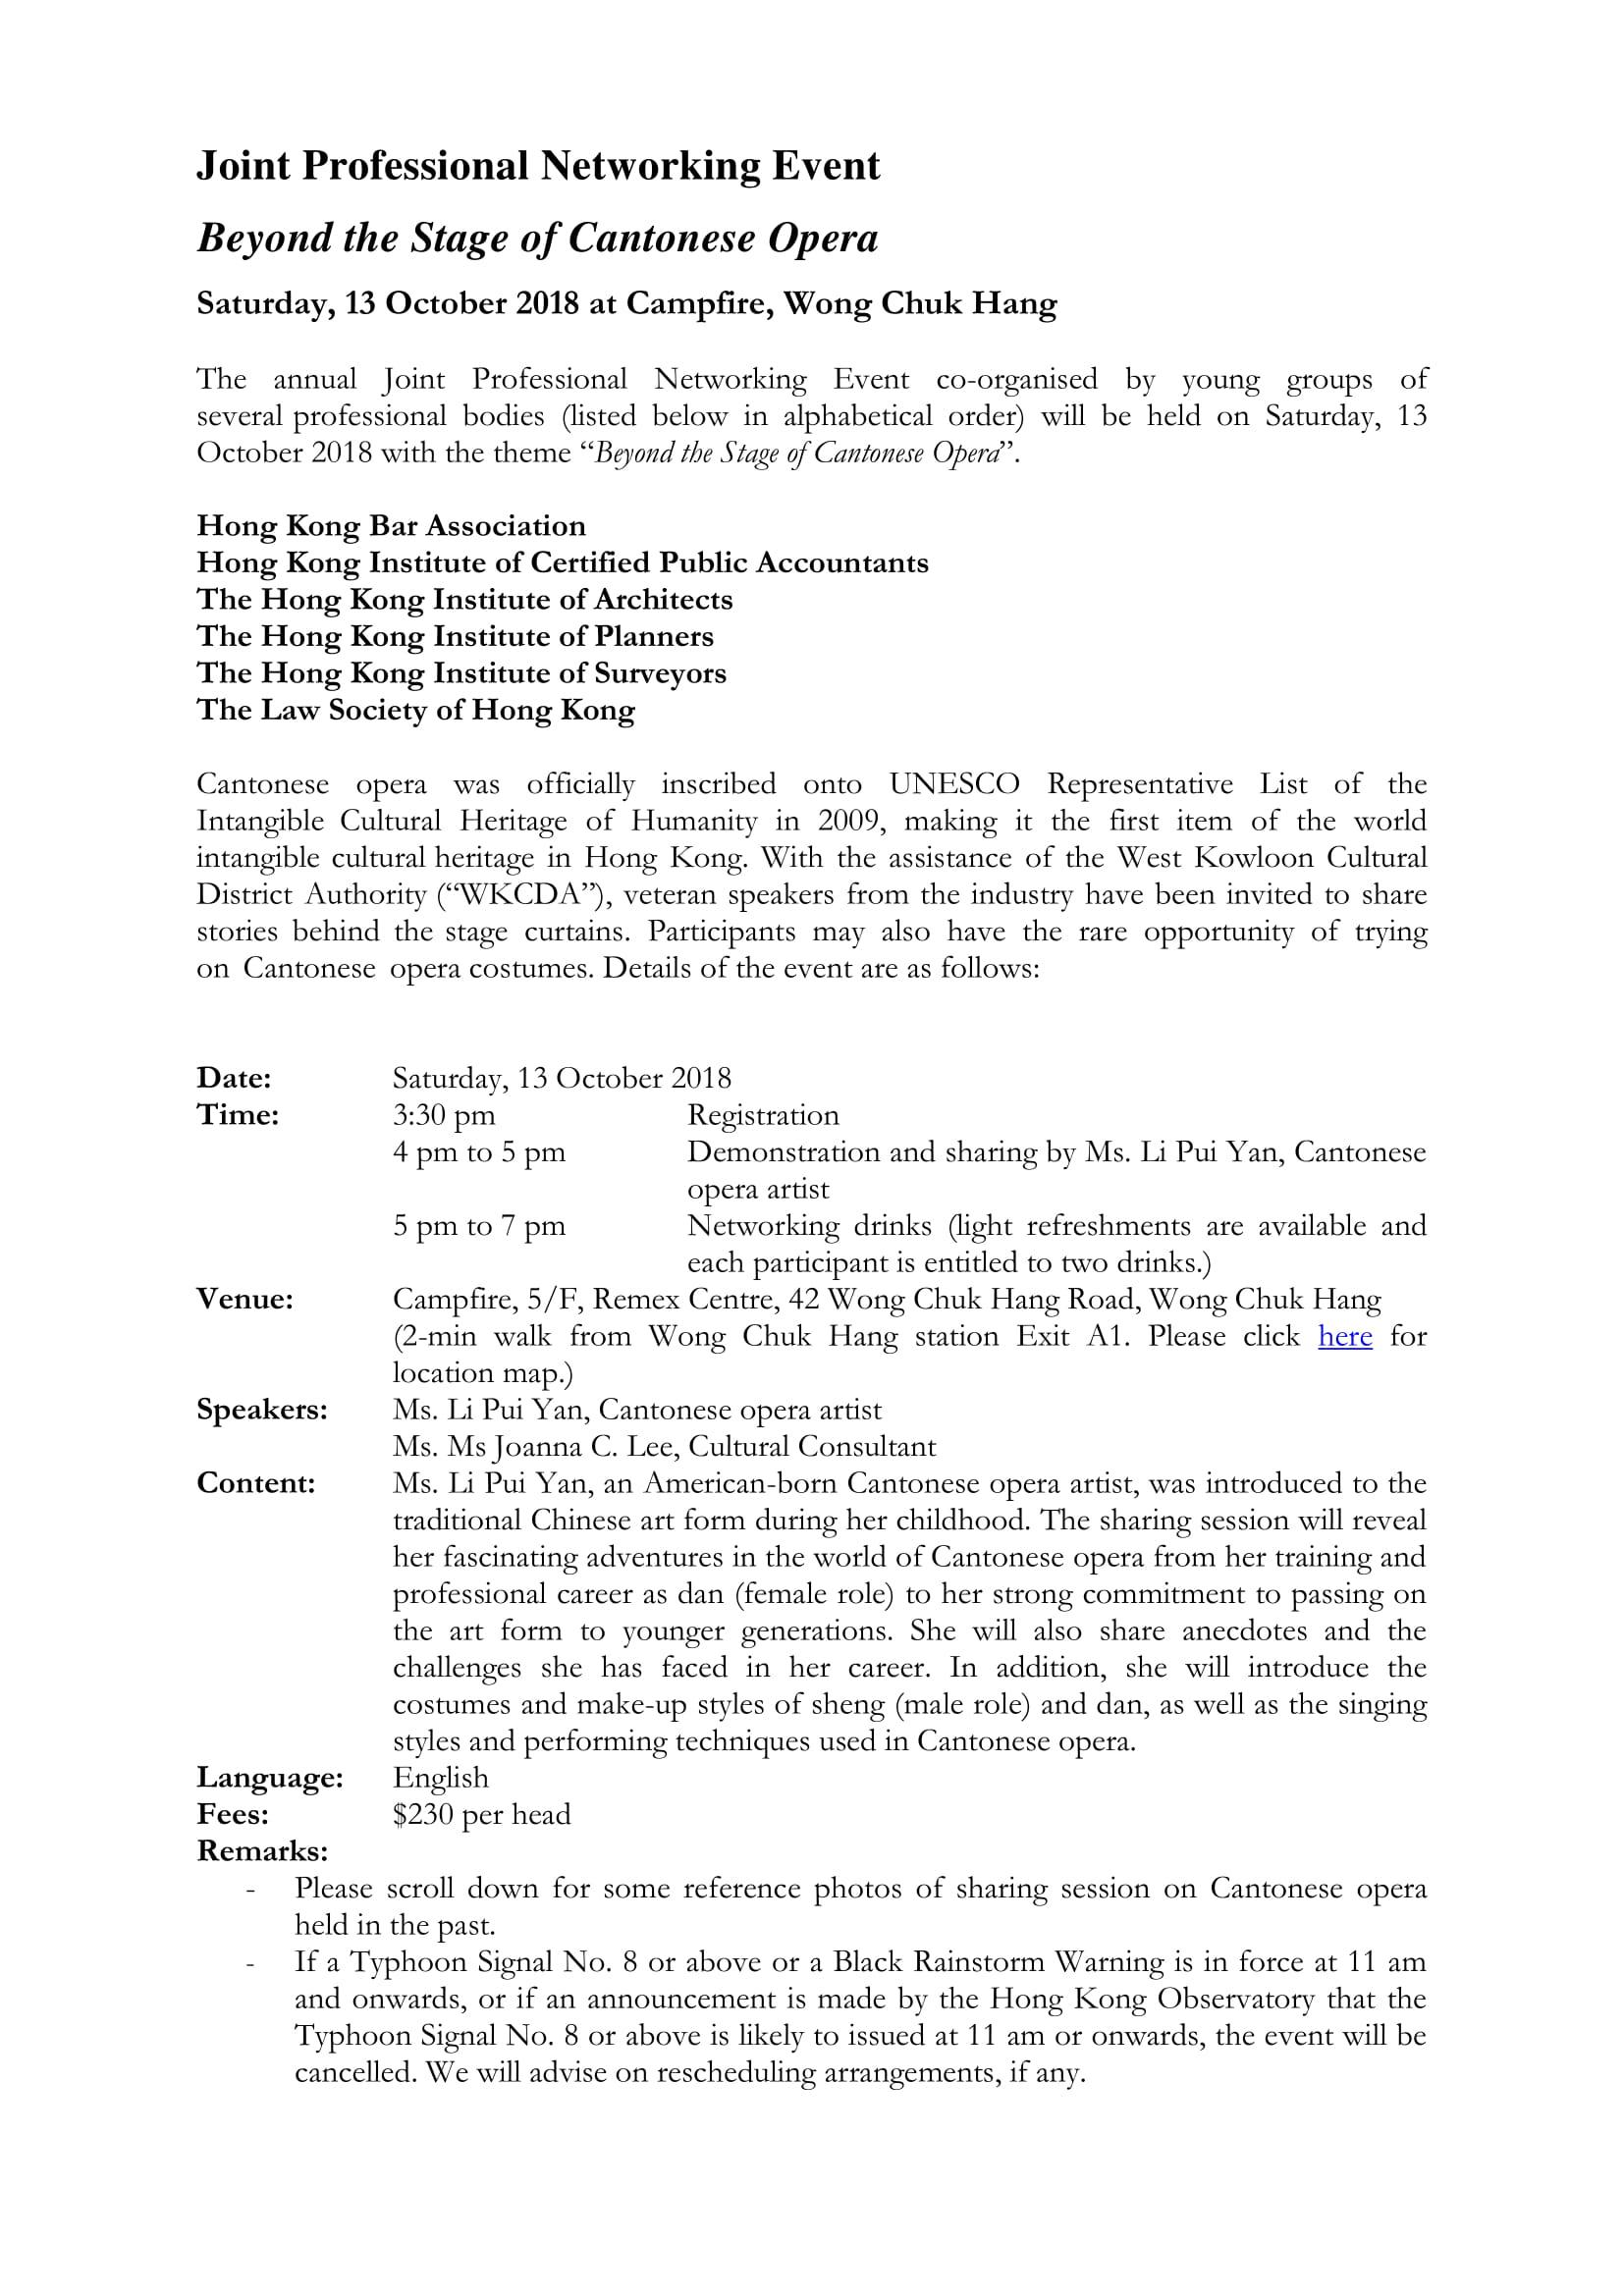 JP Networking Event - Info Sheet-1.jpg